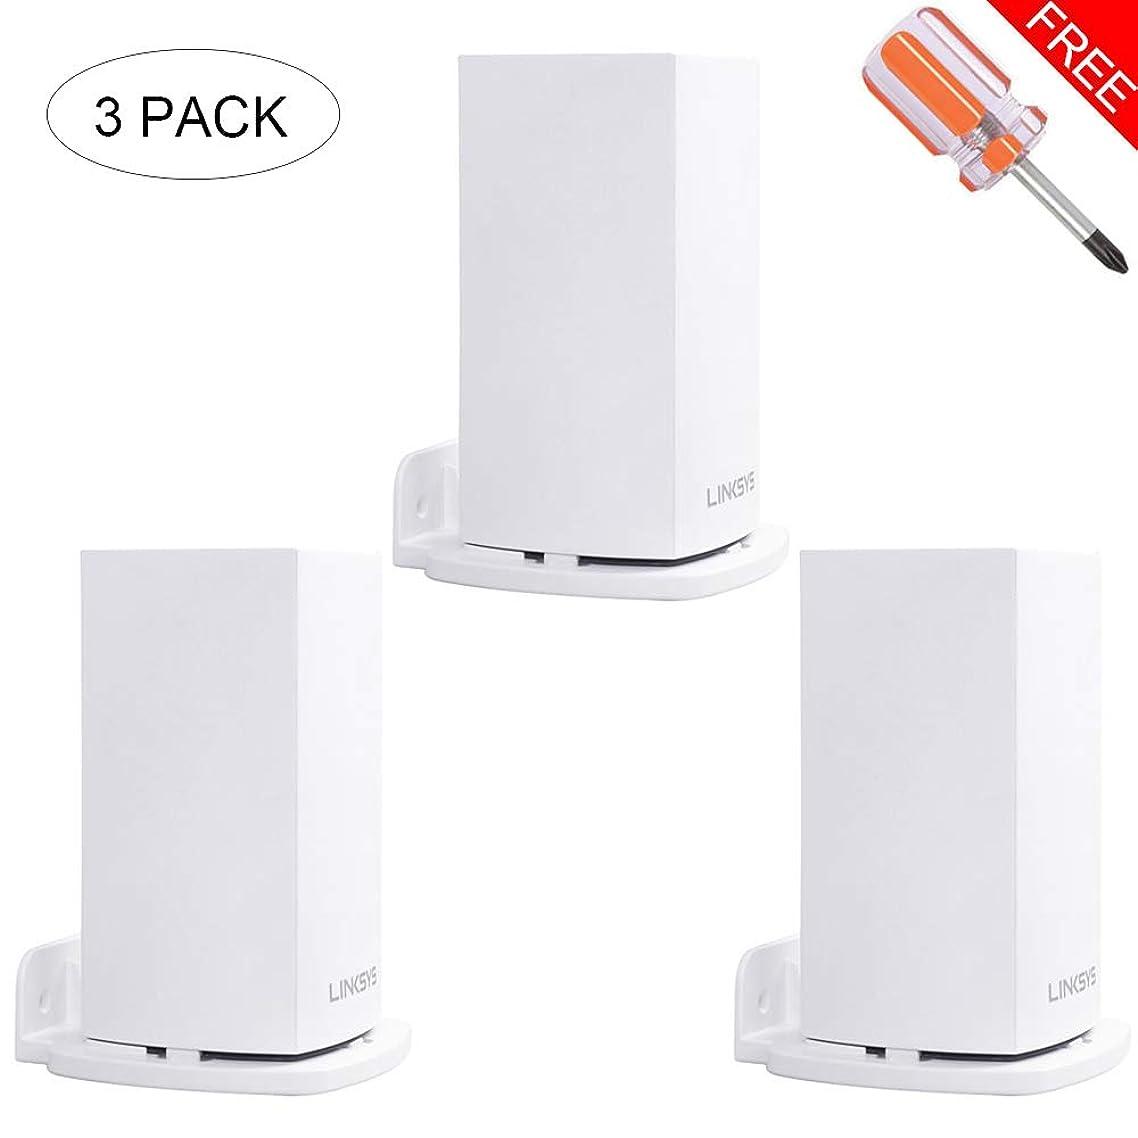 モジュールおもちゃはがきBecrowm Linksys Velop Dual-Band WiFi 壁掛けホルダー シンプル スタンド デュアルバンド 壁掛けマウント (3個セット)